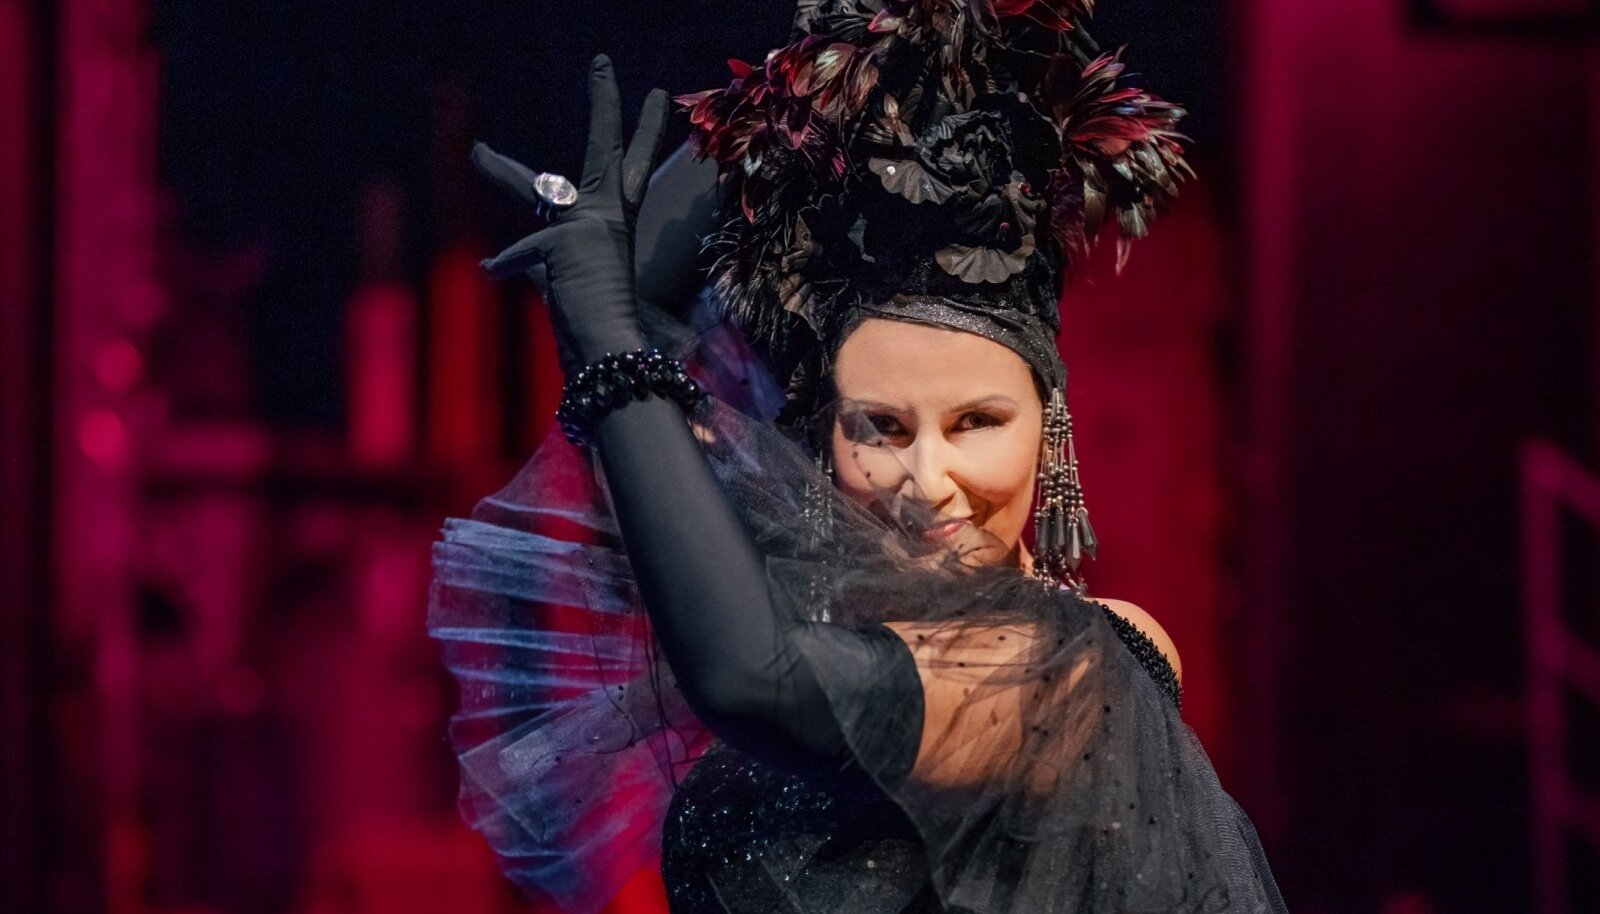 Janne Ševtšenko Hanna Glawaris on haprust ja haavatavust, mis laiendab esituse emotsionaalset tundeskaalat. Ehkki laulja madalam register kohati ei kanna, korvab selle puudujäägi veenev lavaline olek ja sarm.